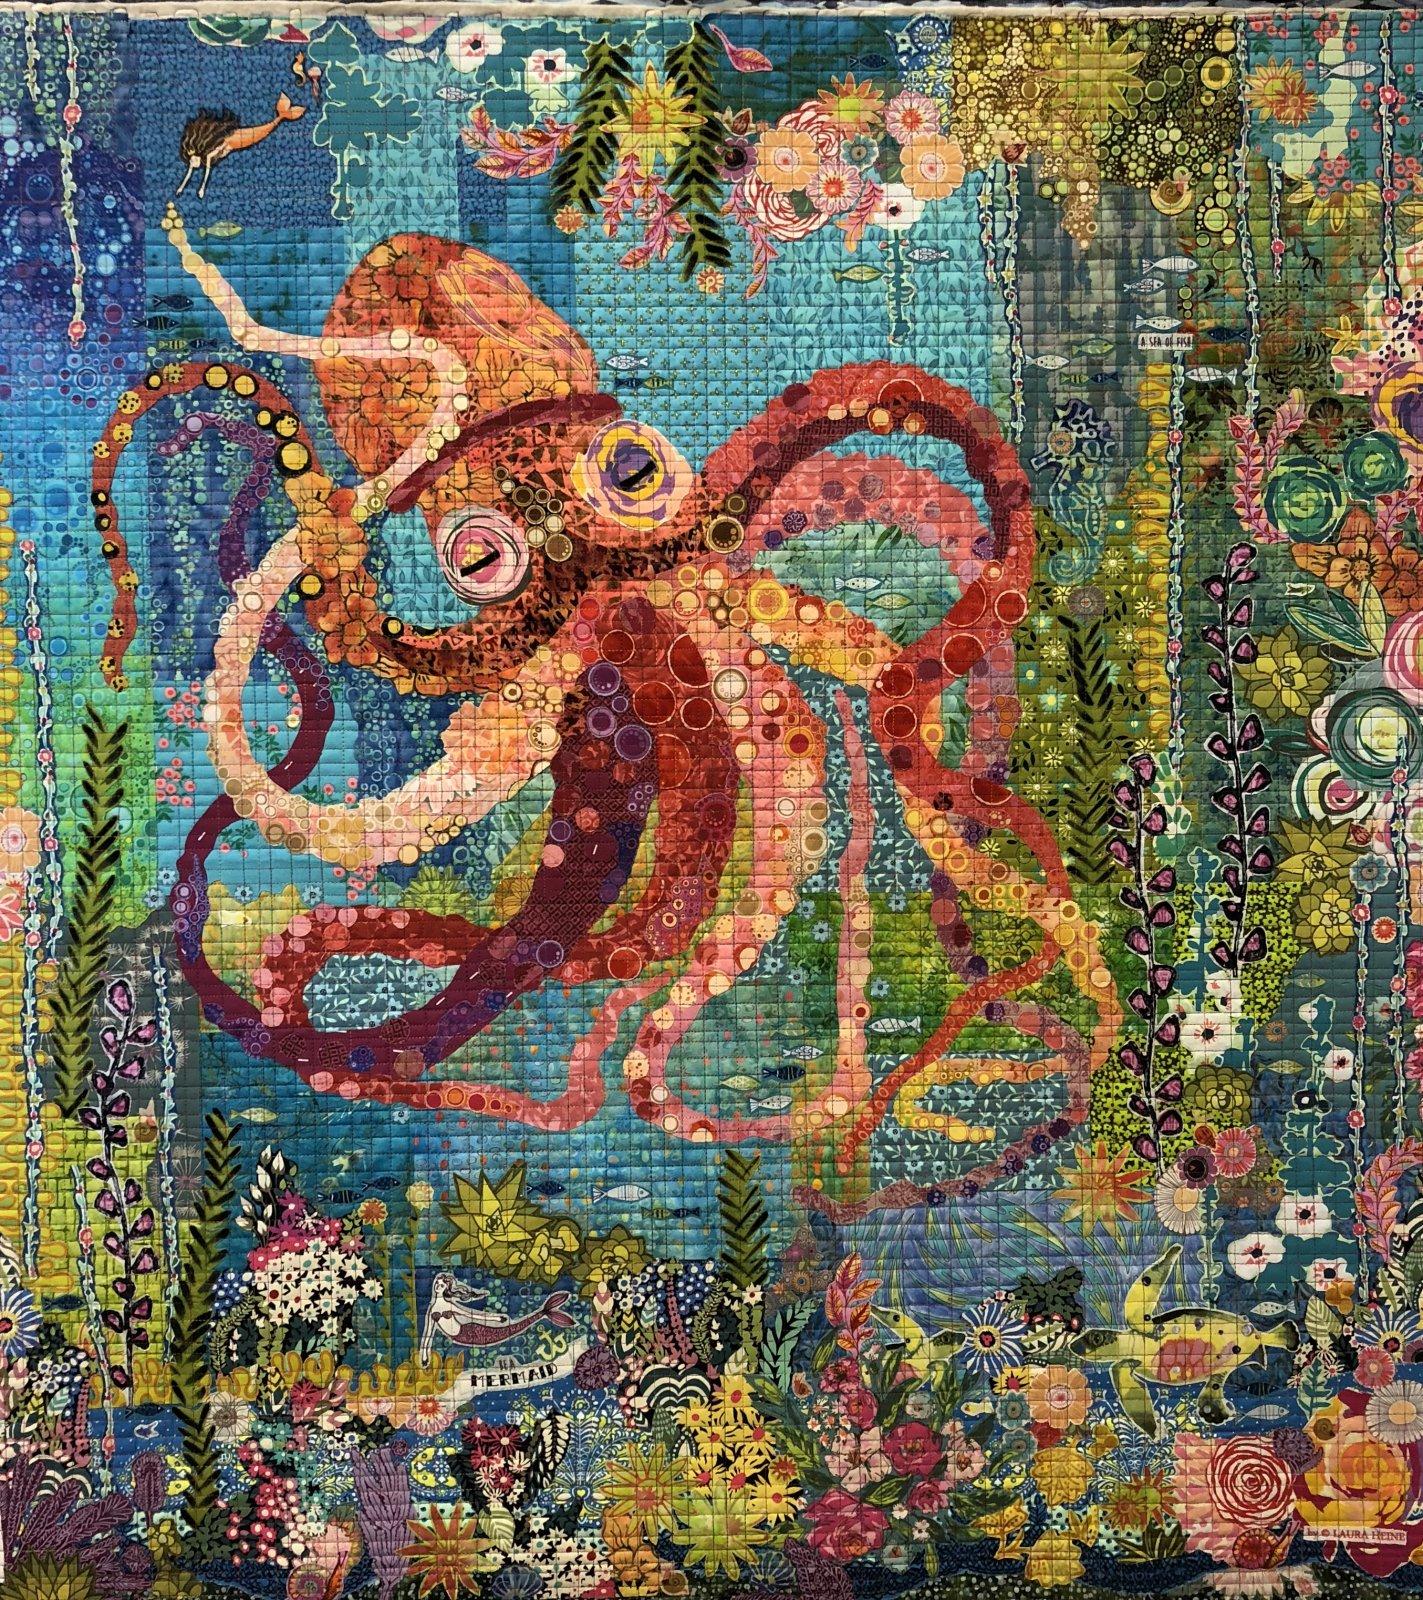 Octopus Garden Collage Pattern by Laura Heine